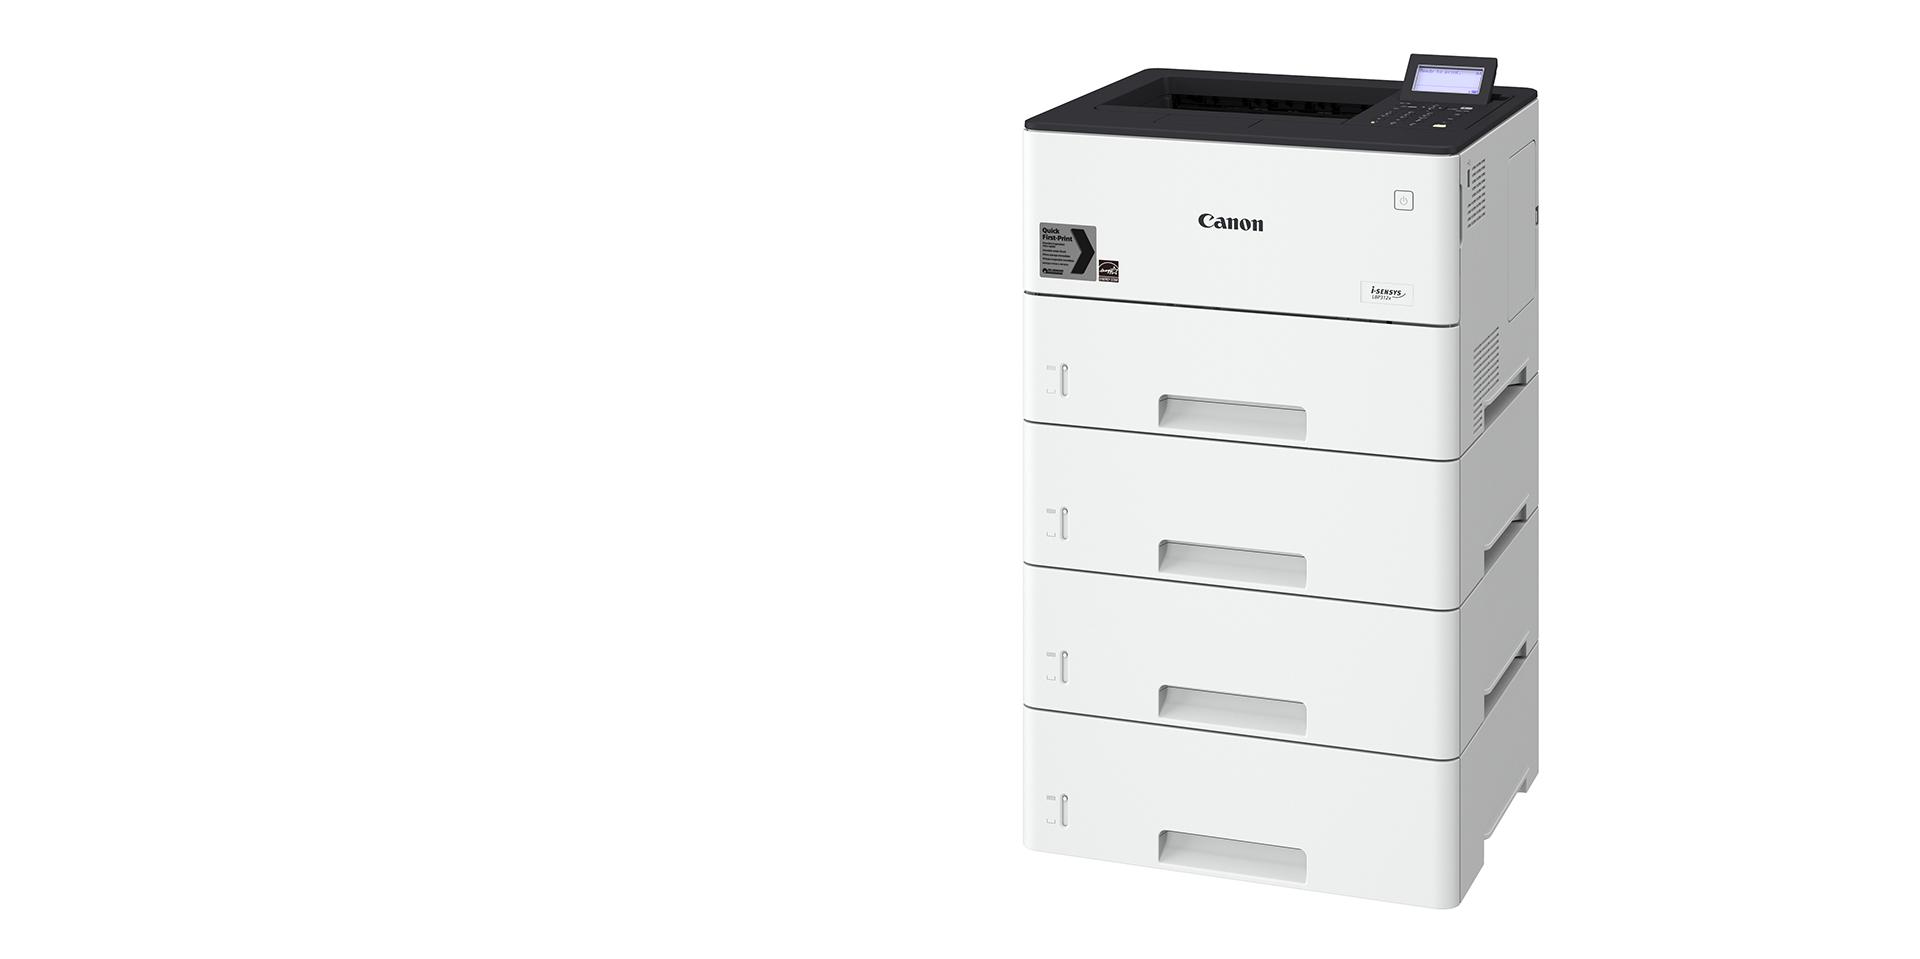 От домашнего офиса до корпорации: новые лазерные устройства из линейки Canon i-SENSYS - 12